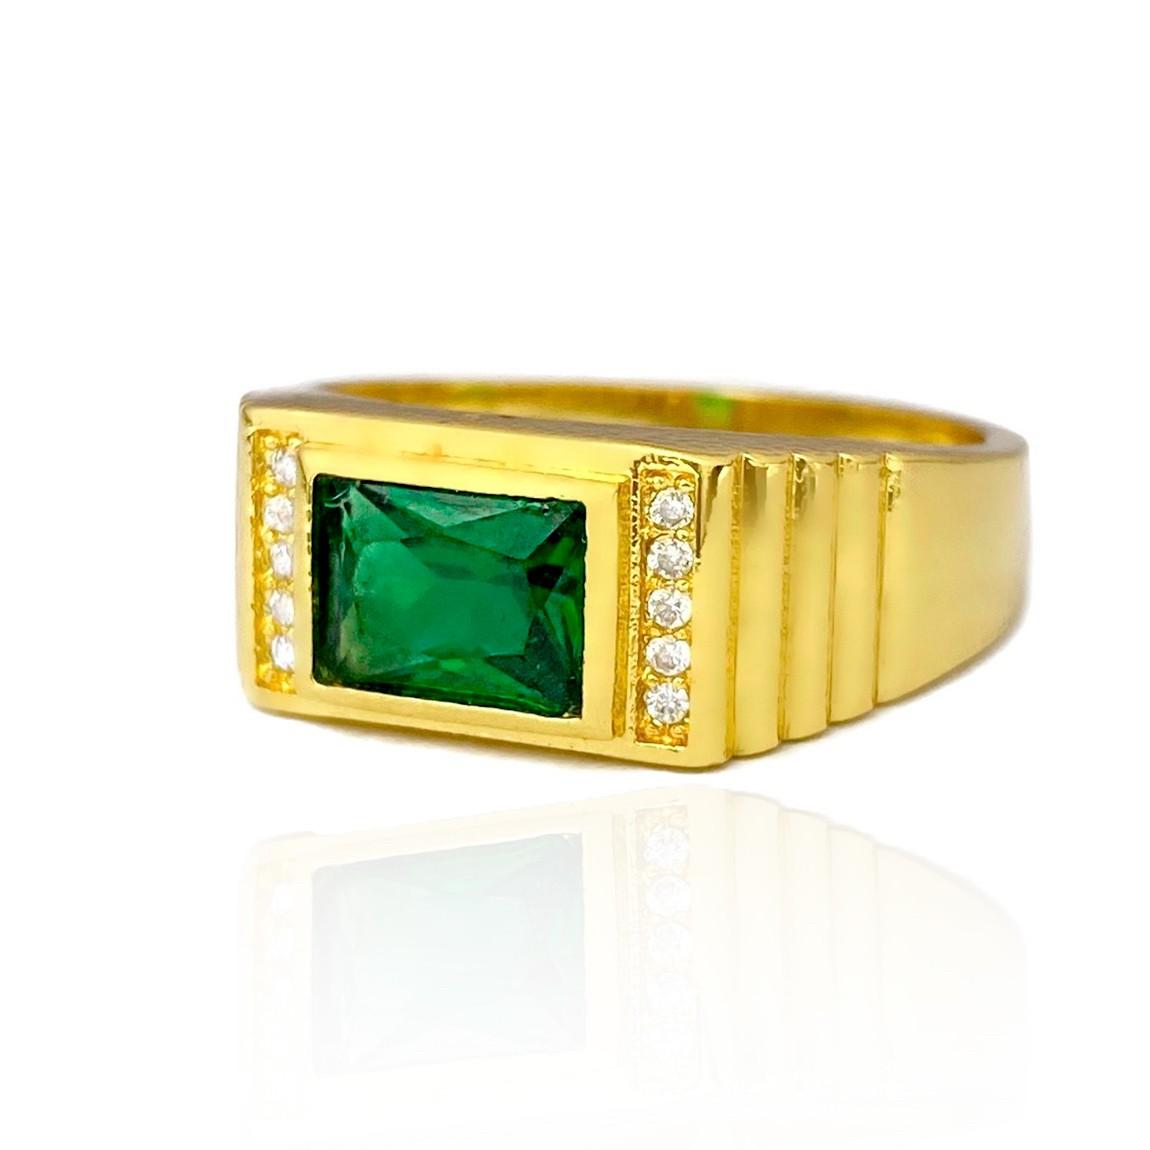 Anel Cravado com Pedra de Zircônia Verde 5g (Banho Ouro 24k)